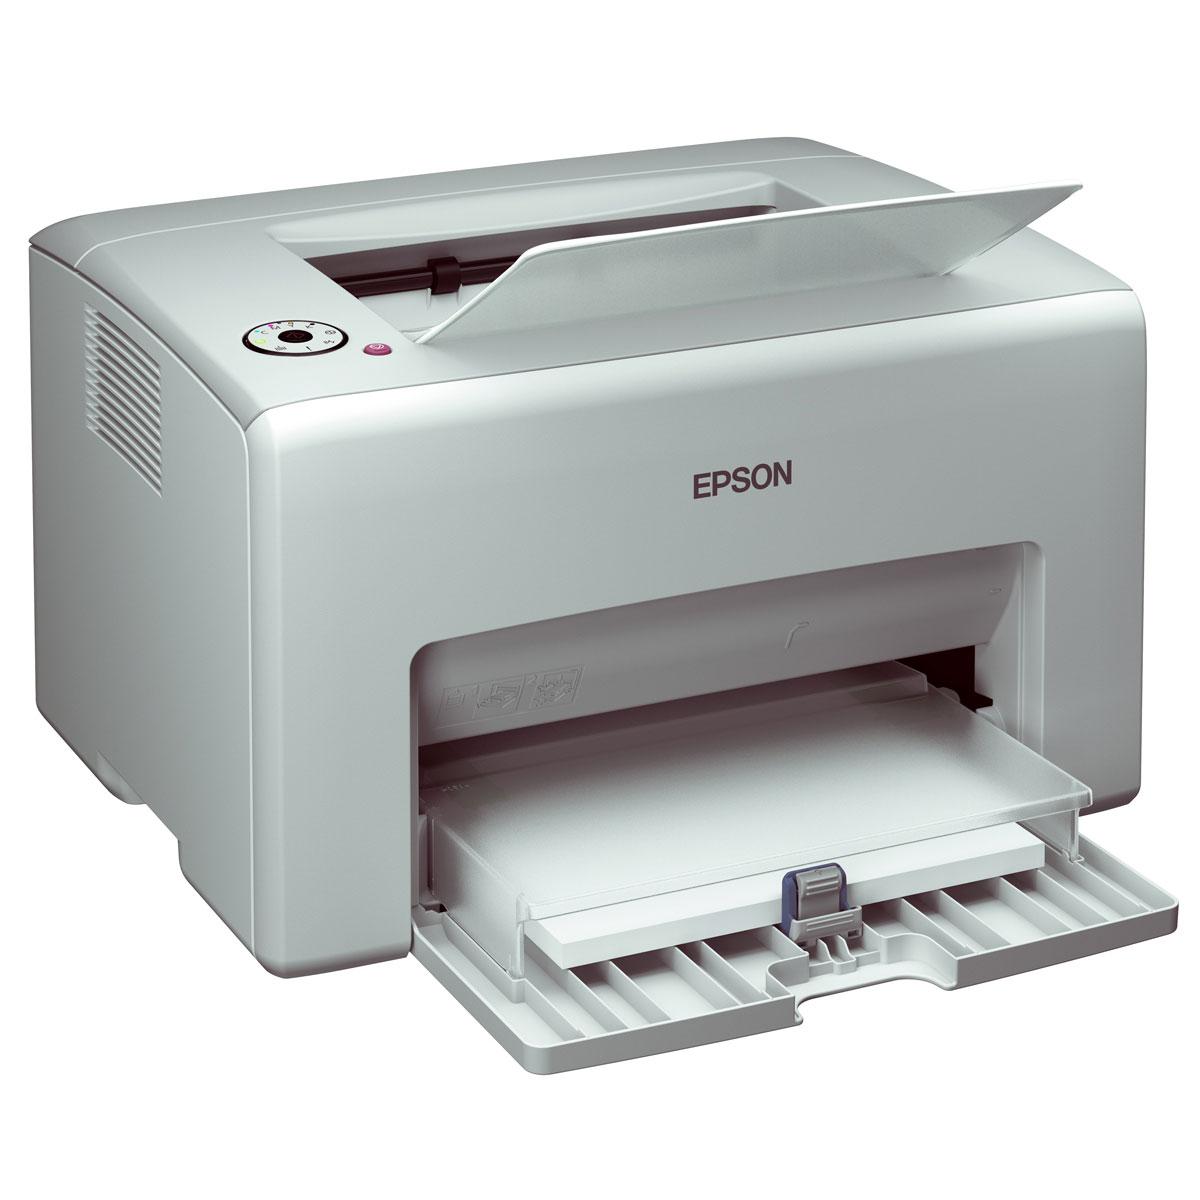 epson aculaser c1750w imprimante laser epson sur. Black Bedroom Furniture Sets. Home Design Ideas